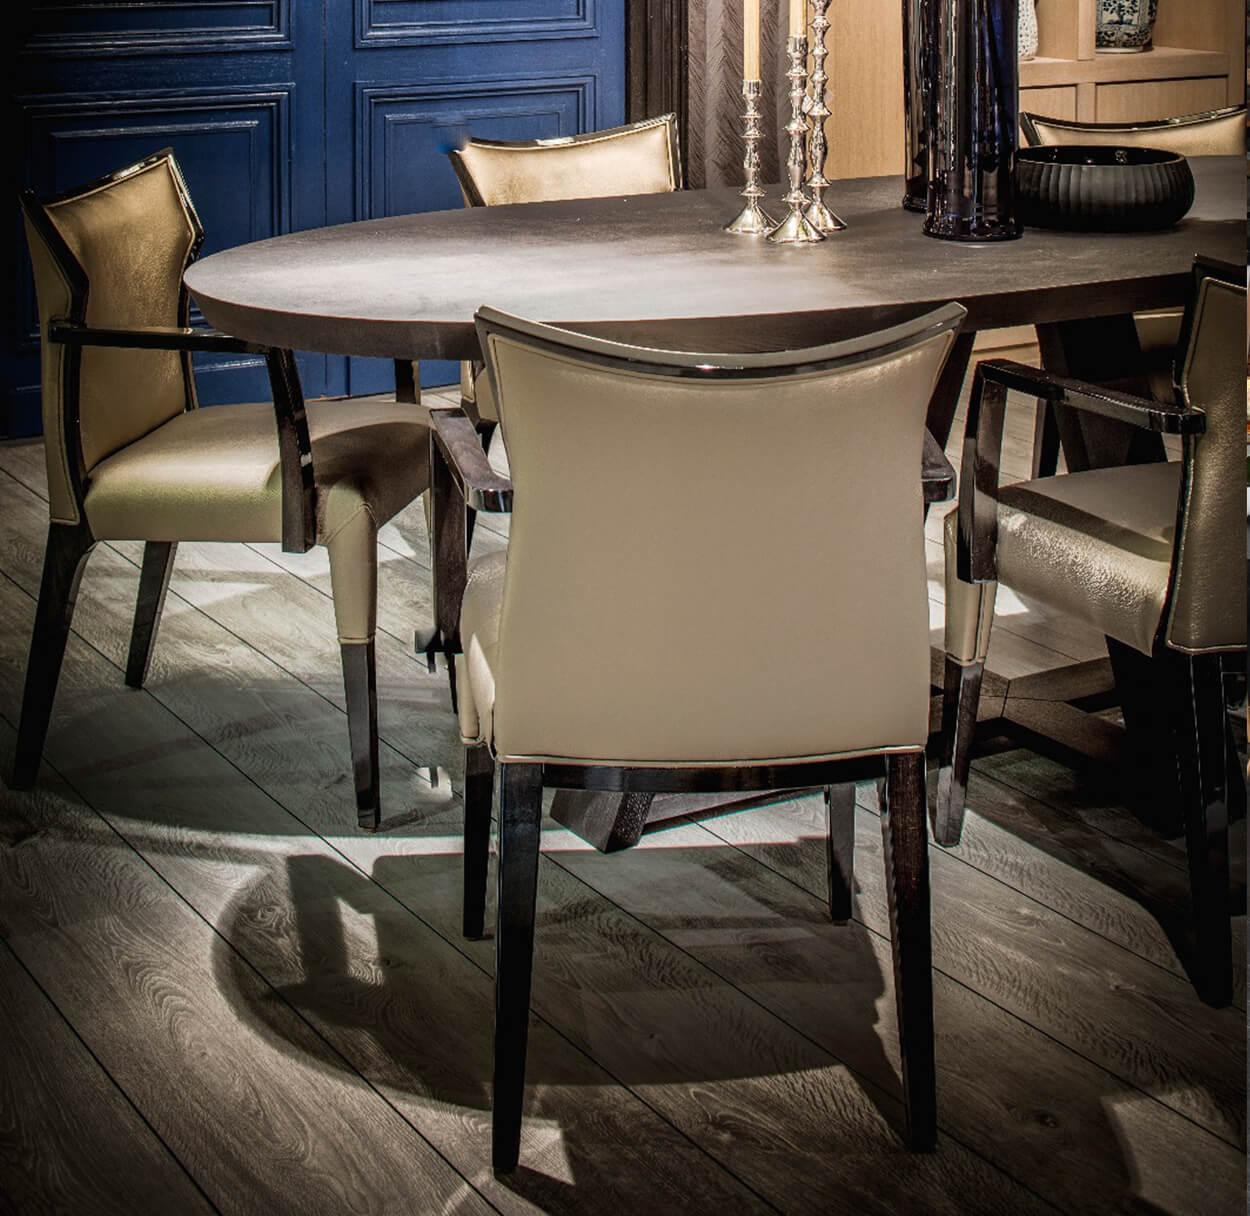 Eetkamertafel op maat - Mulleman meubelen